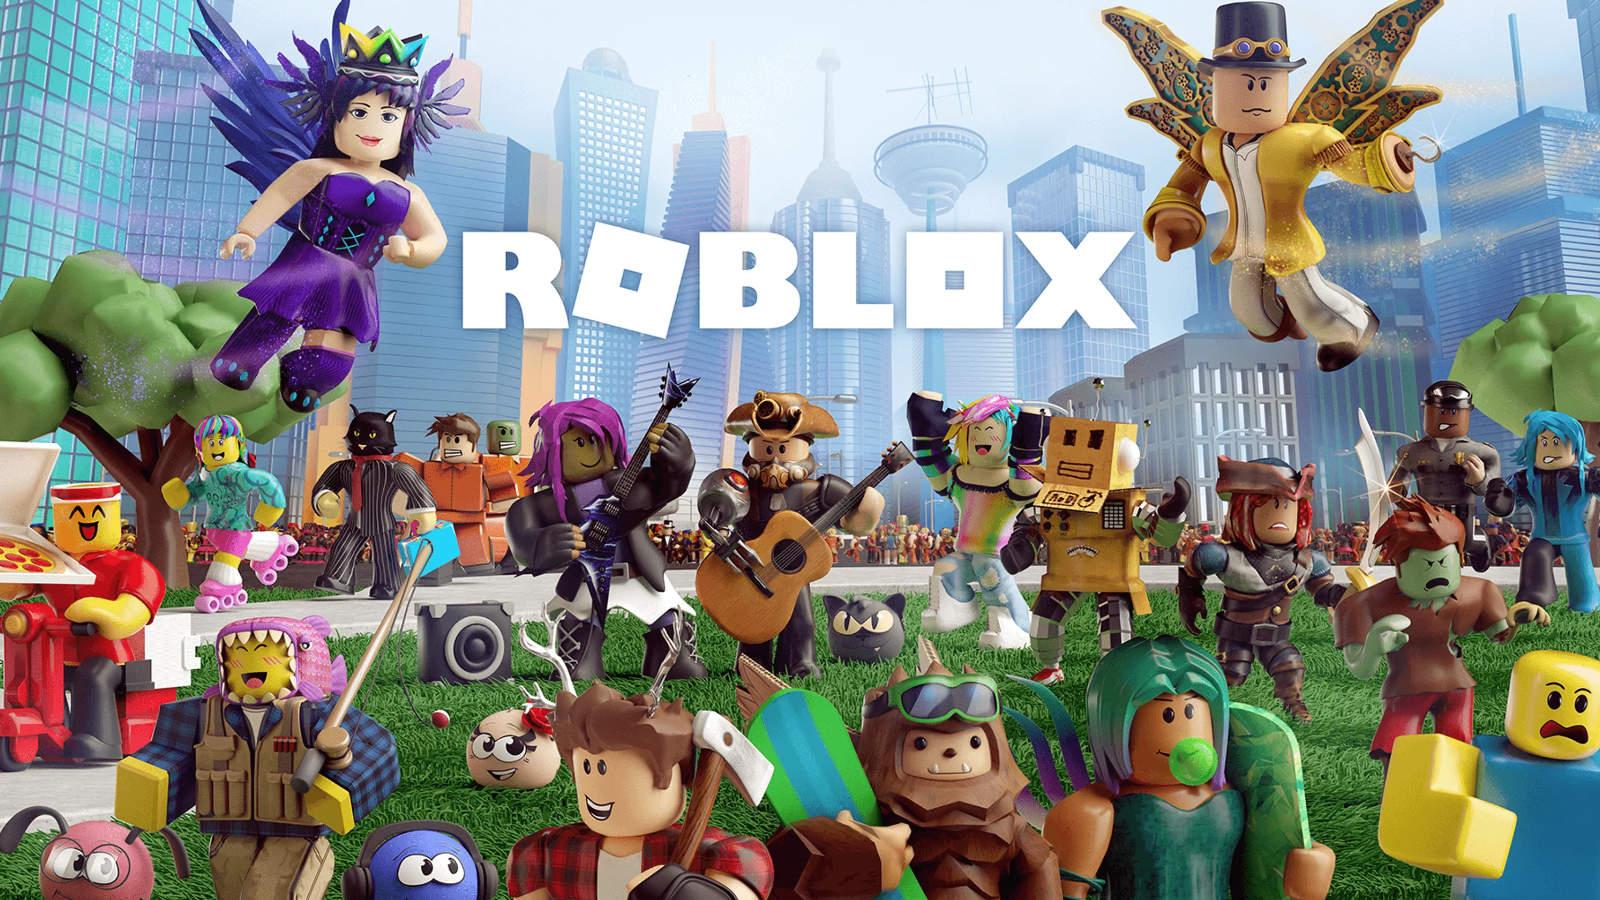 Roblox Débarque En France Attention ! - Comprendre concernant Jeux Gratuits Pour Enfants De 3 Ans